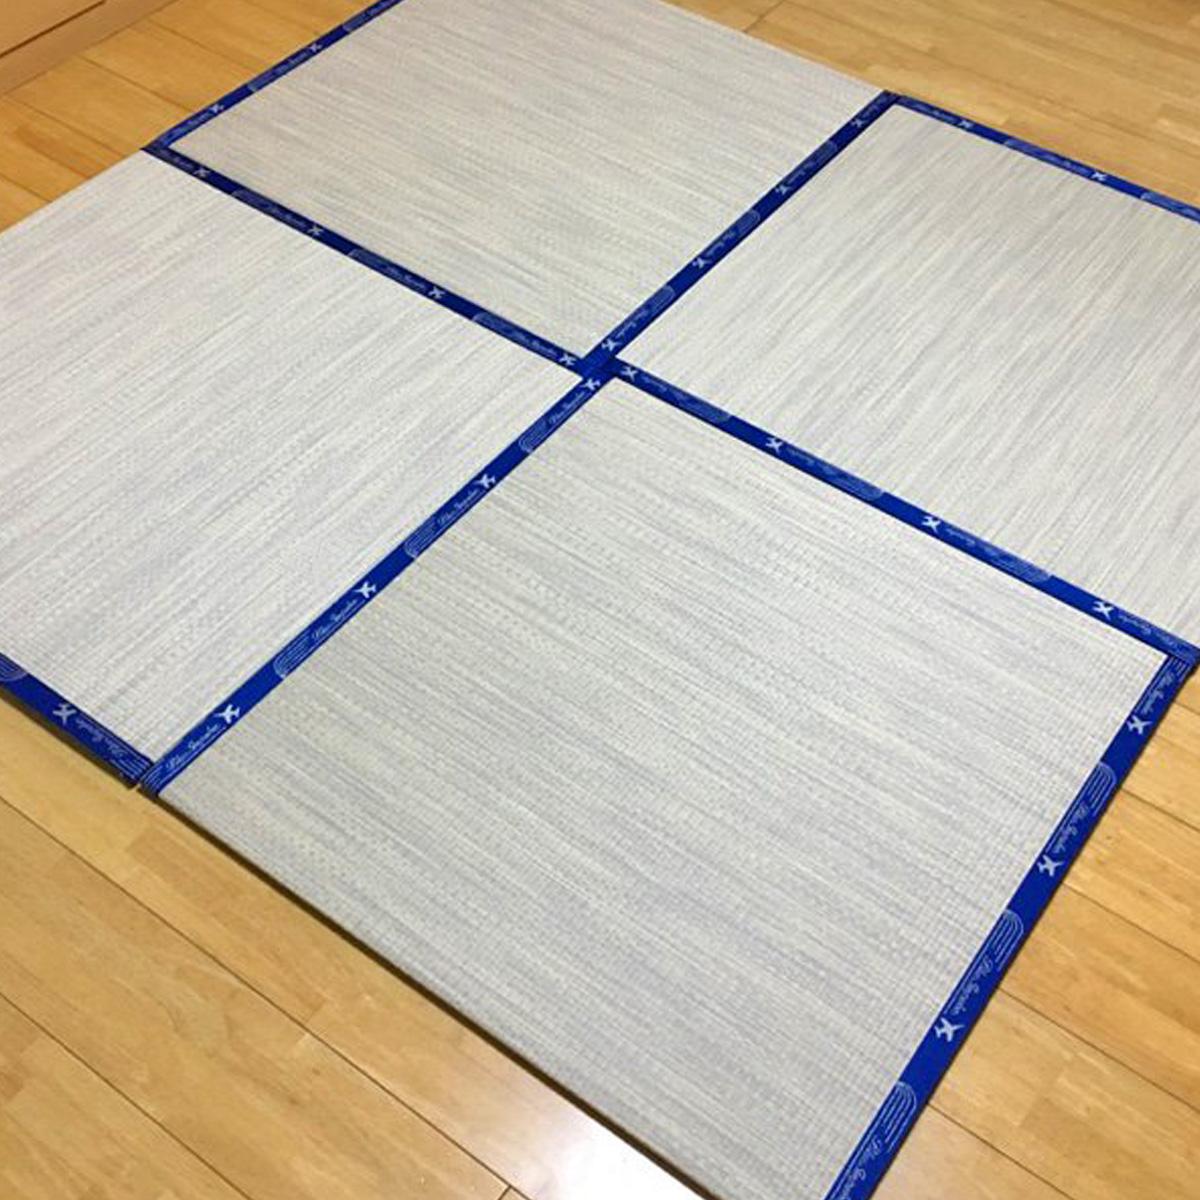 【ふるさと納税】オリジナル置き畳「ブルーインパルス」